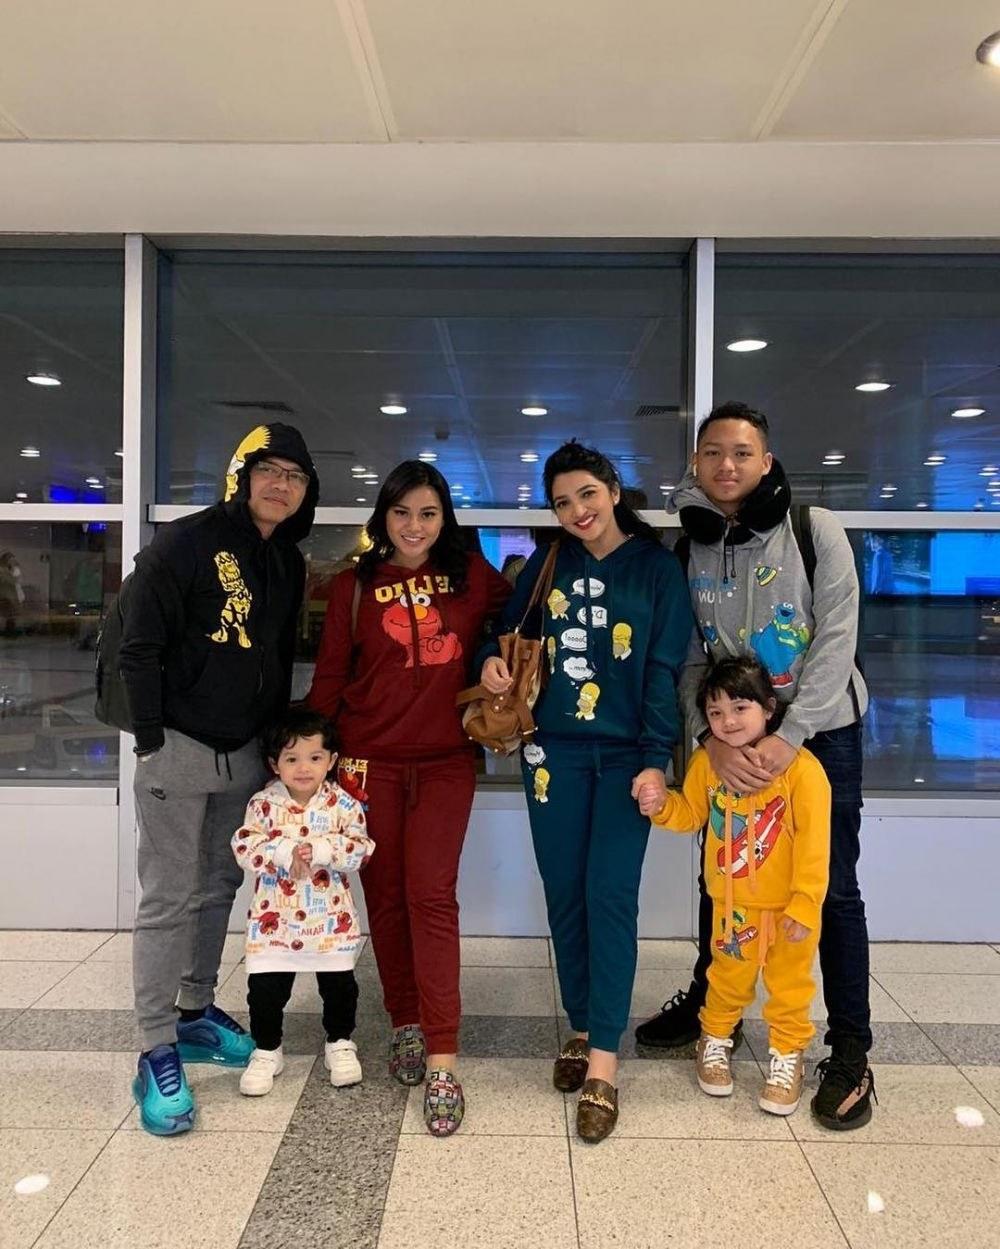 Inspirasi Baju Lebaran Keluarga Anang ashanty Whdr Intip 10 Gaya Fashion Keluarga Anang ashanty Selalu Hits